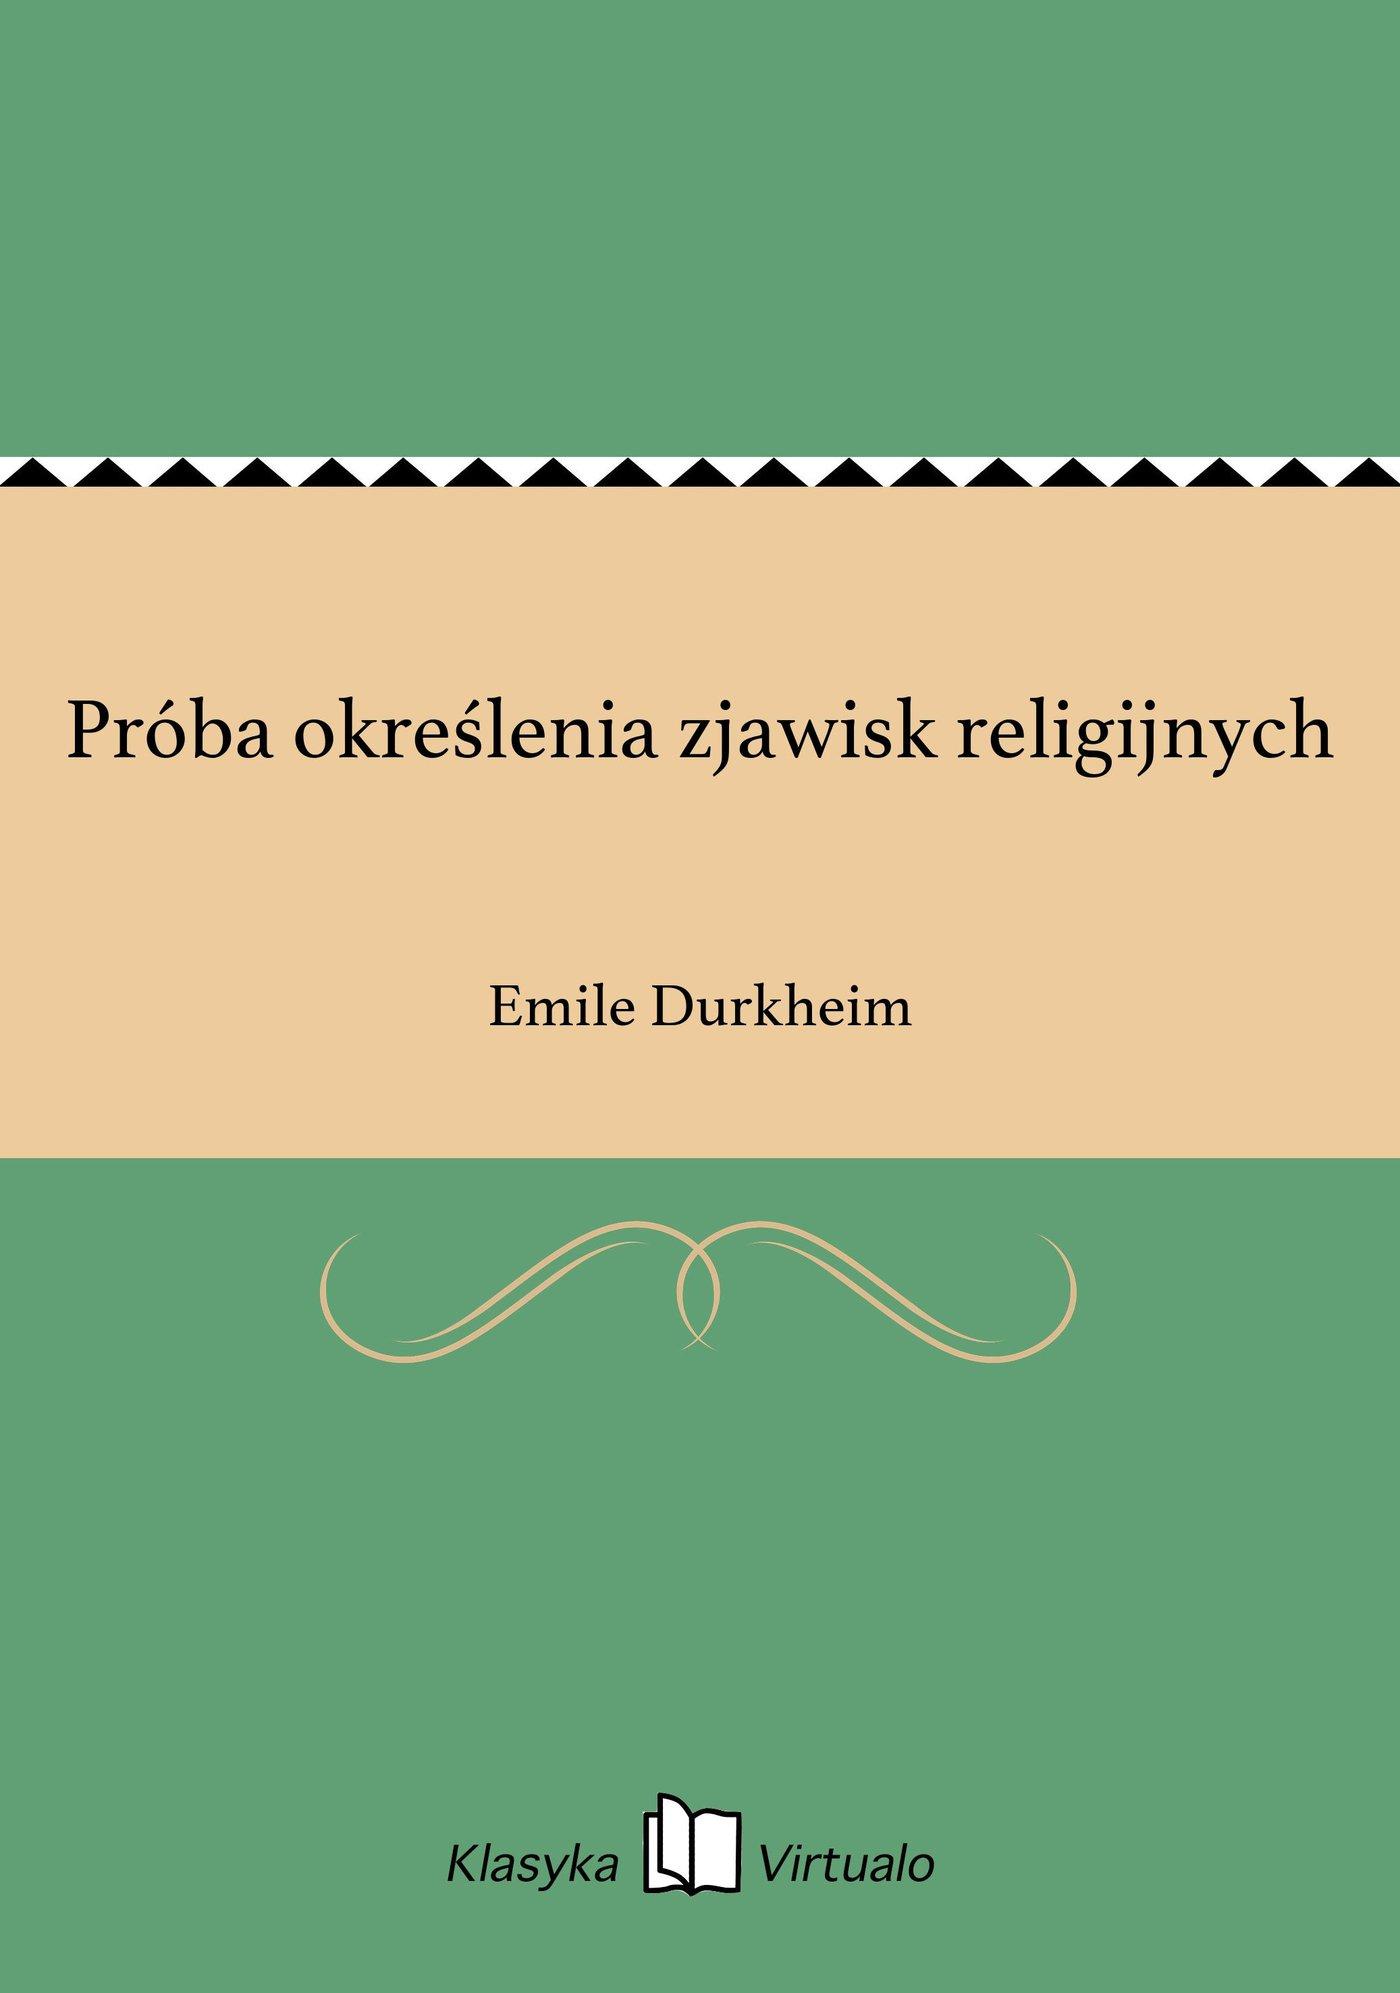 Próba określenia zjawisk religijnych - Ebook (Książka na Kindle) do pobrania w formacie MOBI